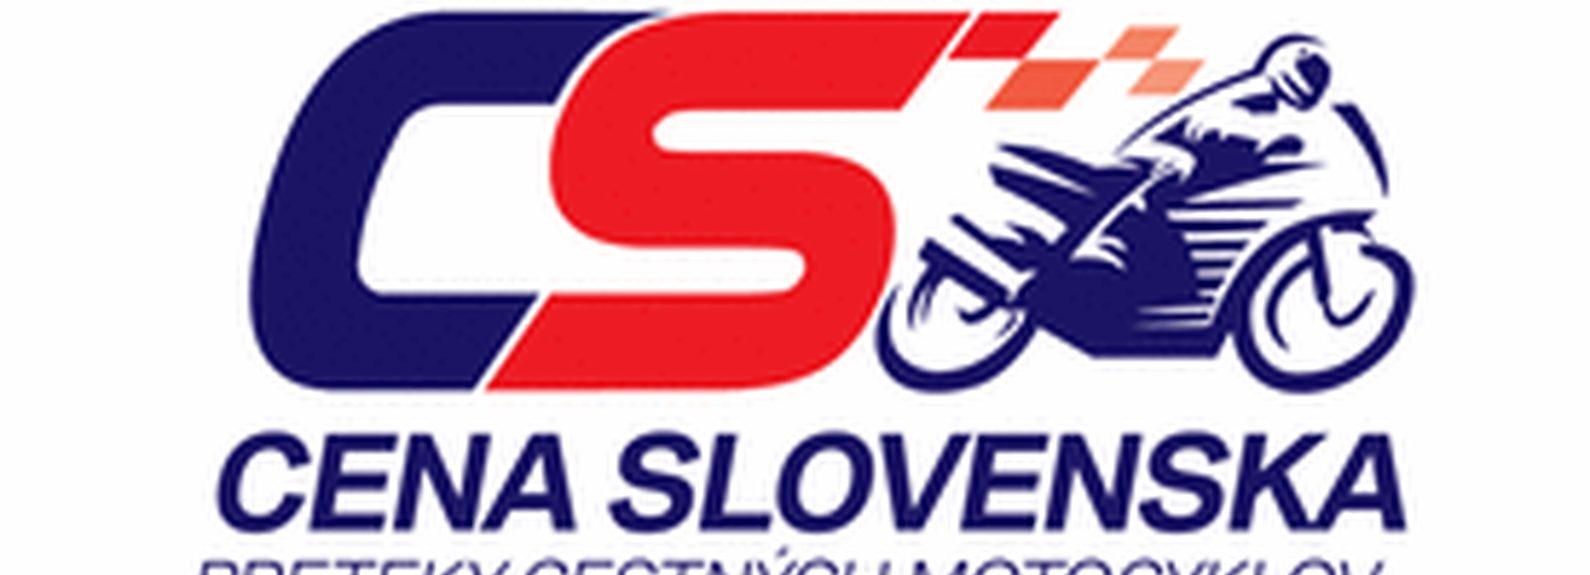 Csm cena slovenska moto logo CMYK 1fef06b850